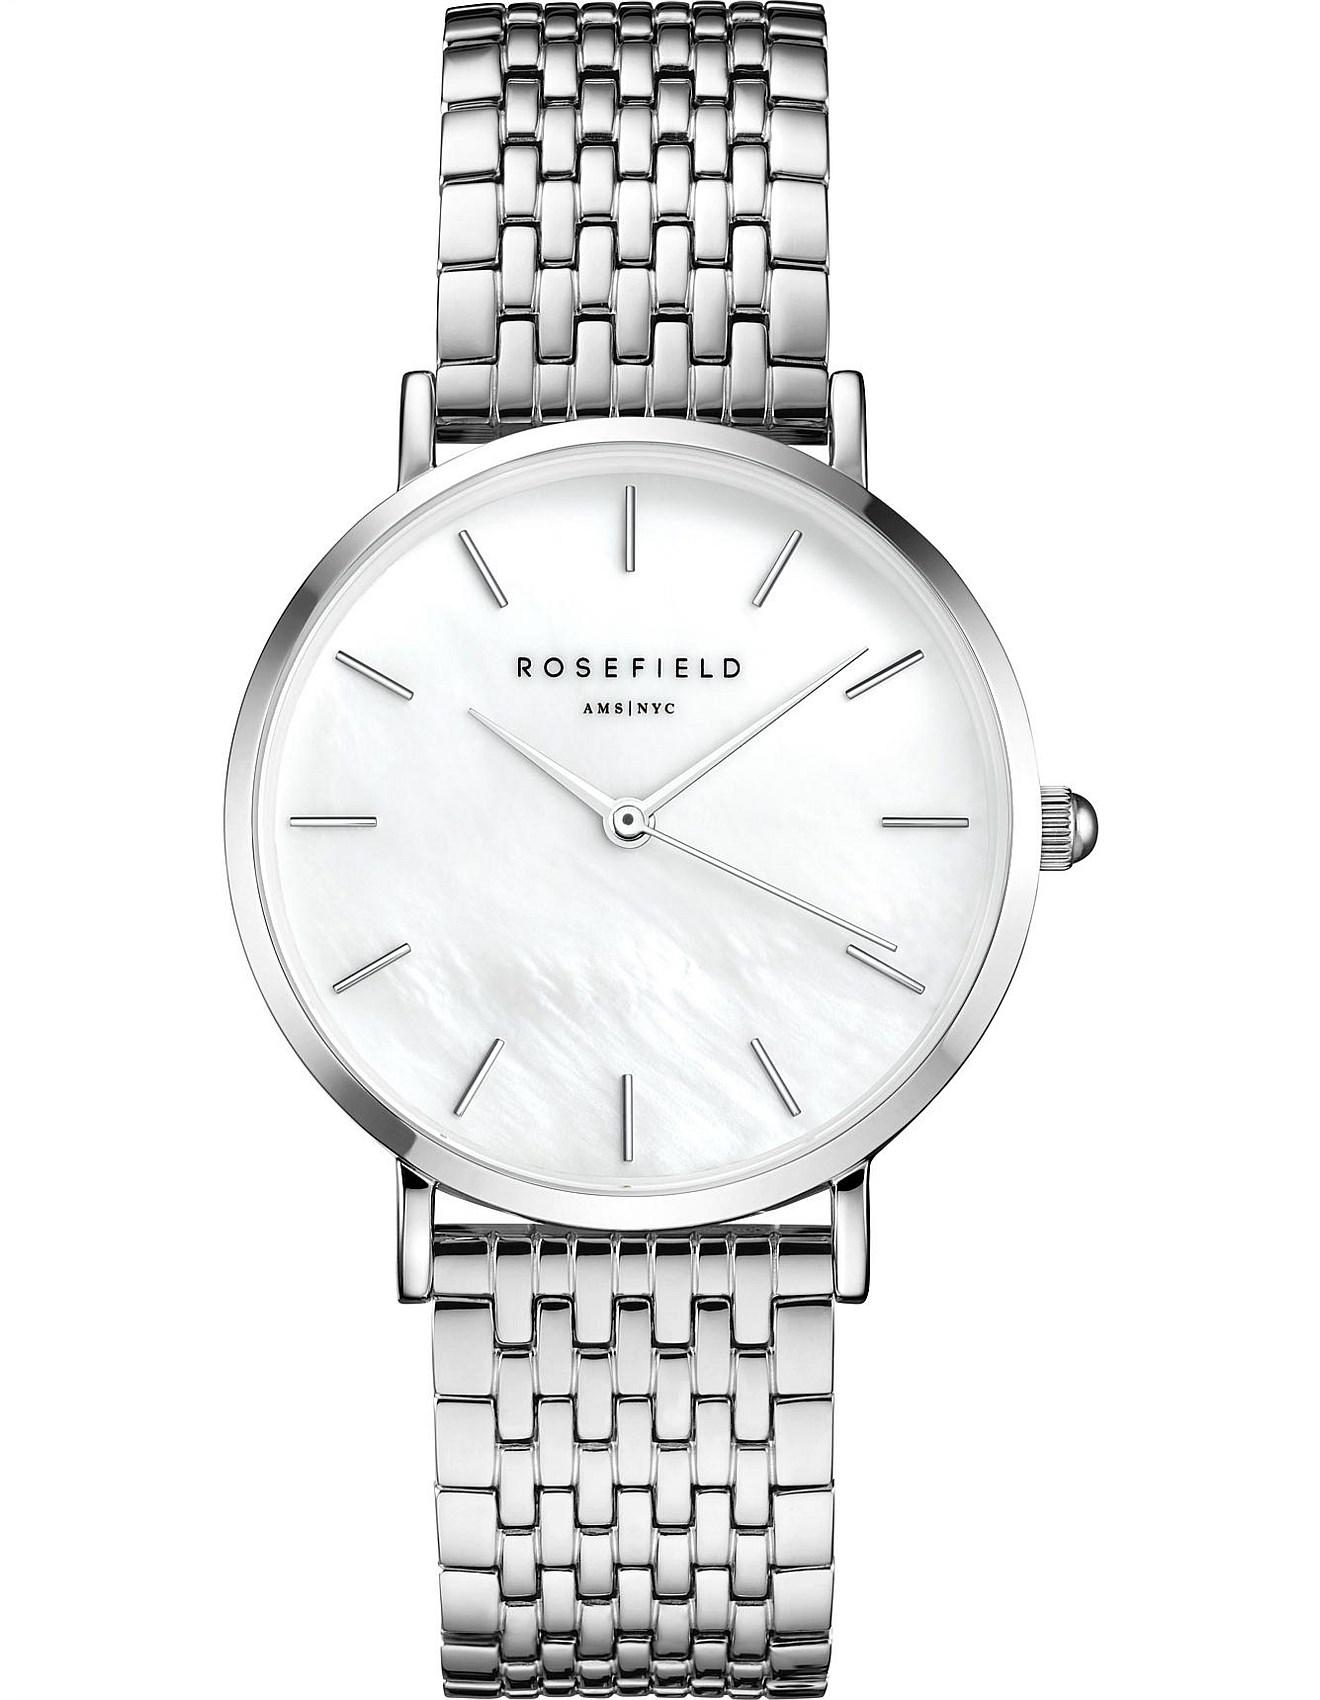 Rosefield Buy Rosefield Watches Online David Jones